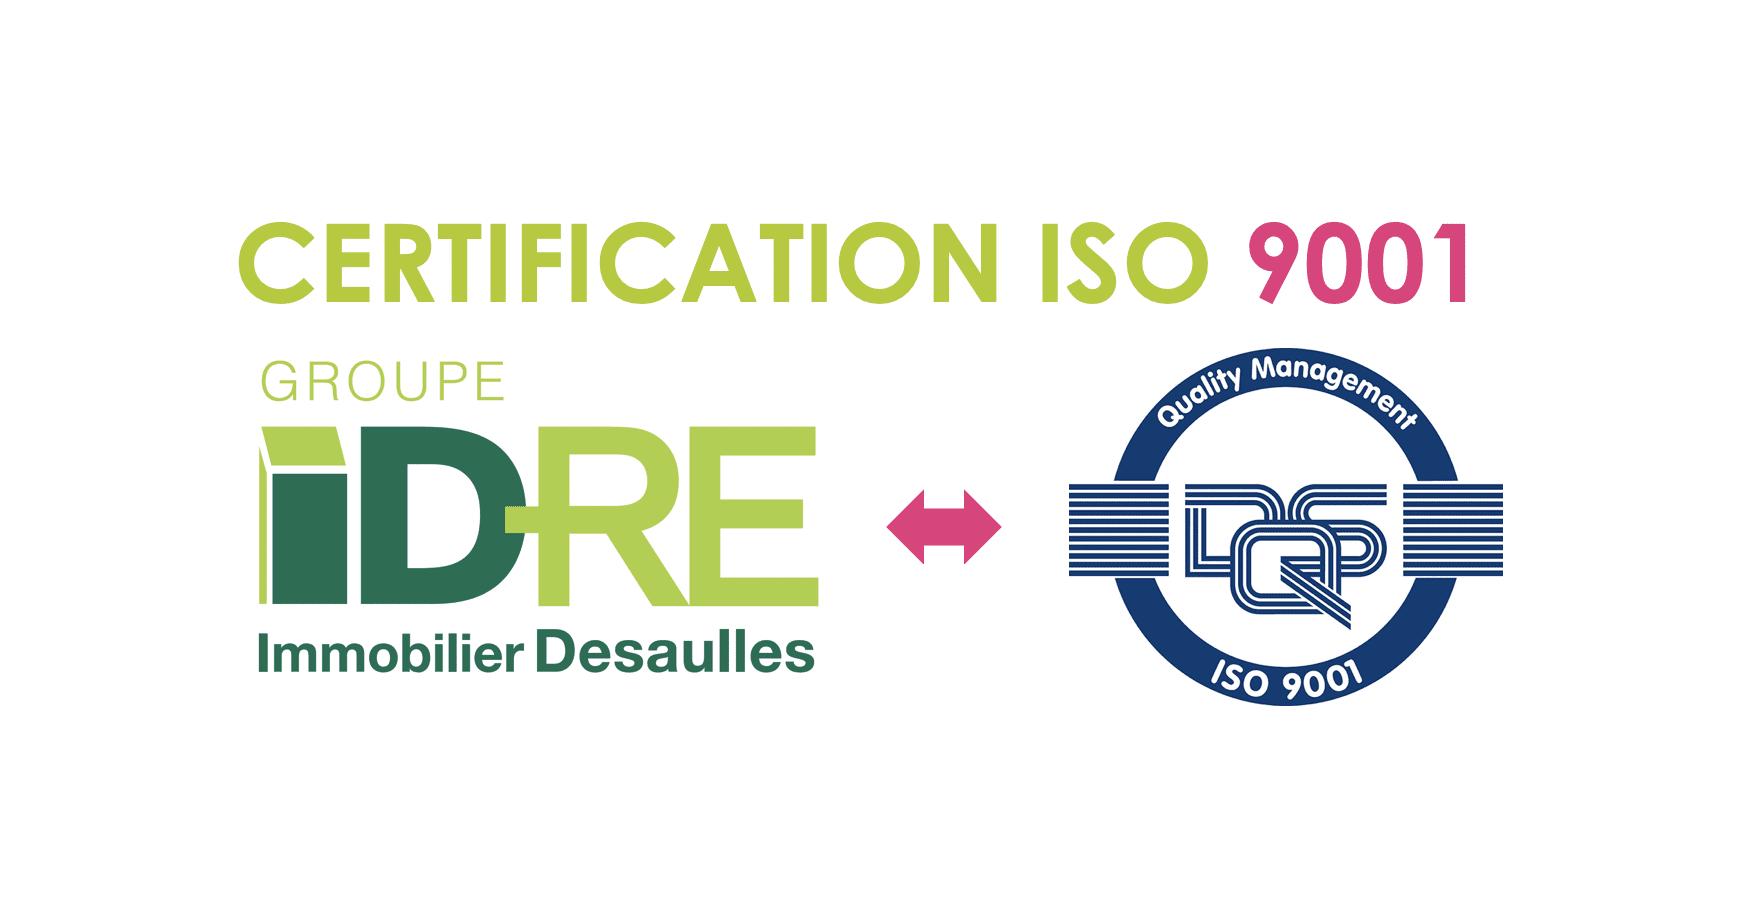 IDRE Immobilier Desaulles certifiée ISO 9001